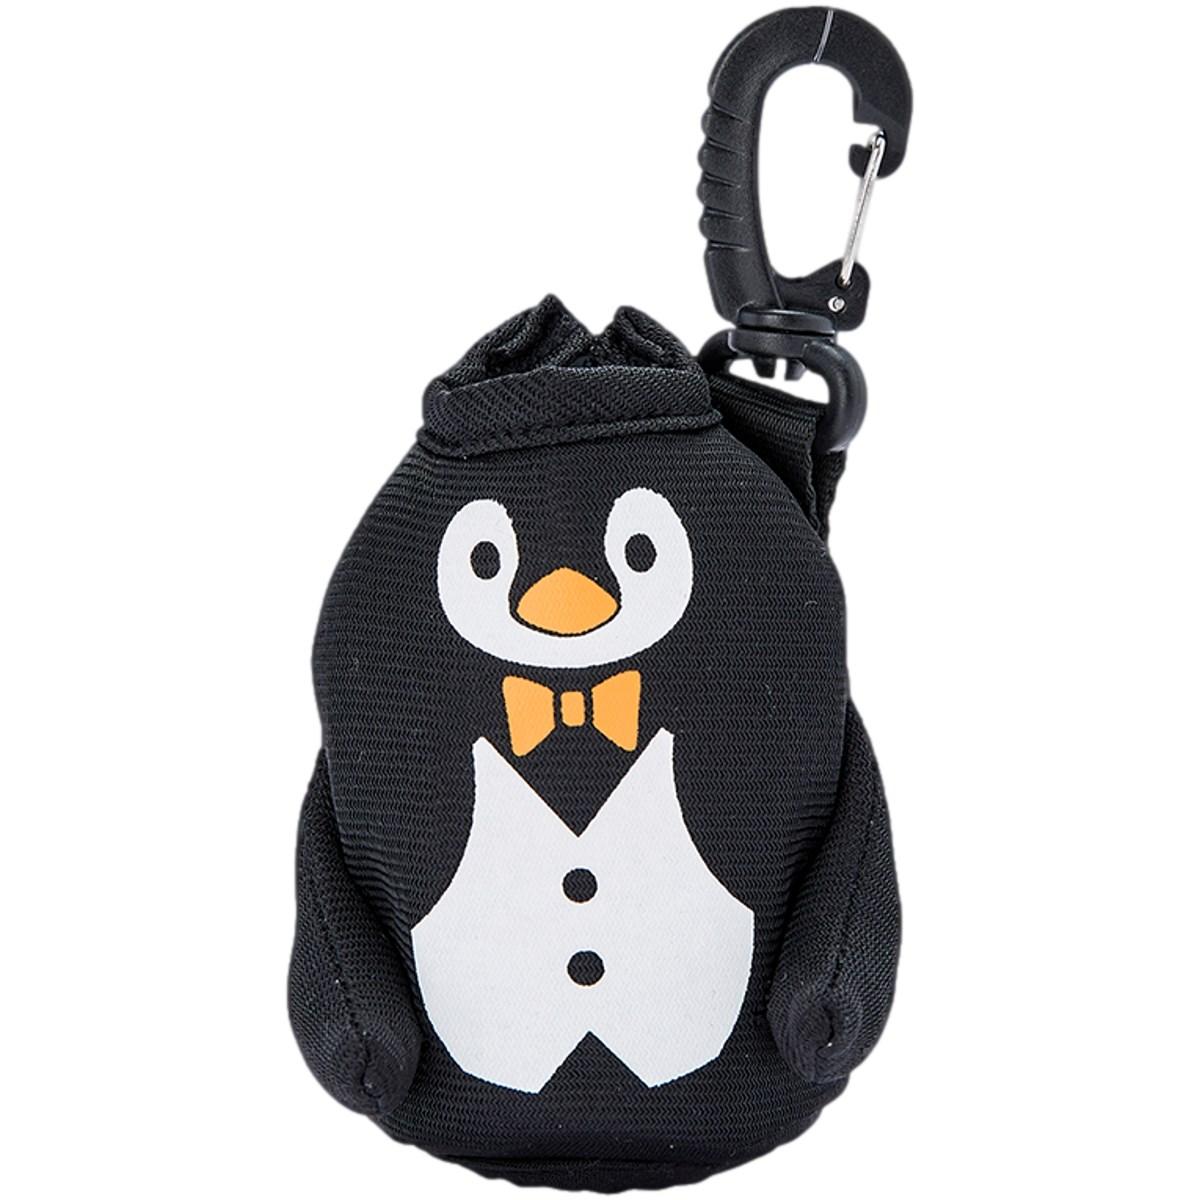 [2021年モデル] マンシングウェア Munsingwear ペンギン型ボールホルダー ブラック 00 メンズ ゴルフ